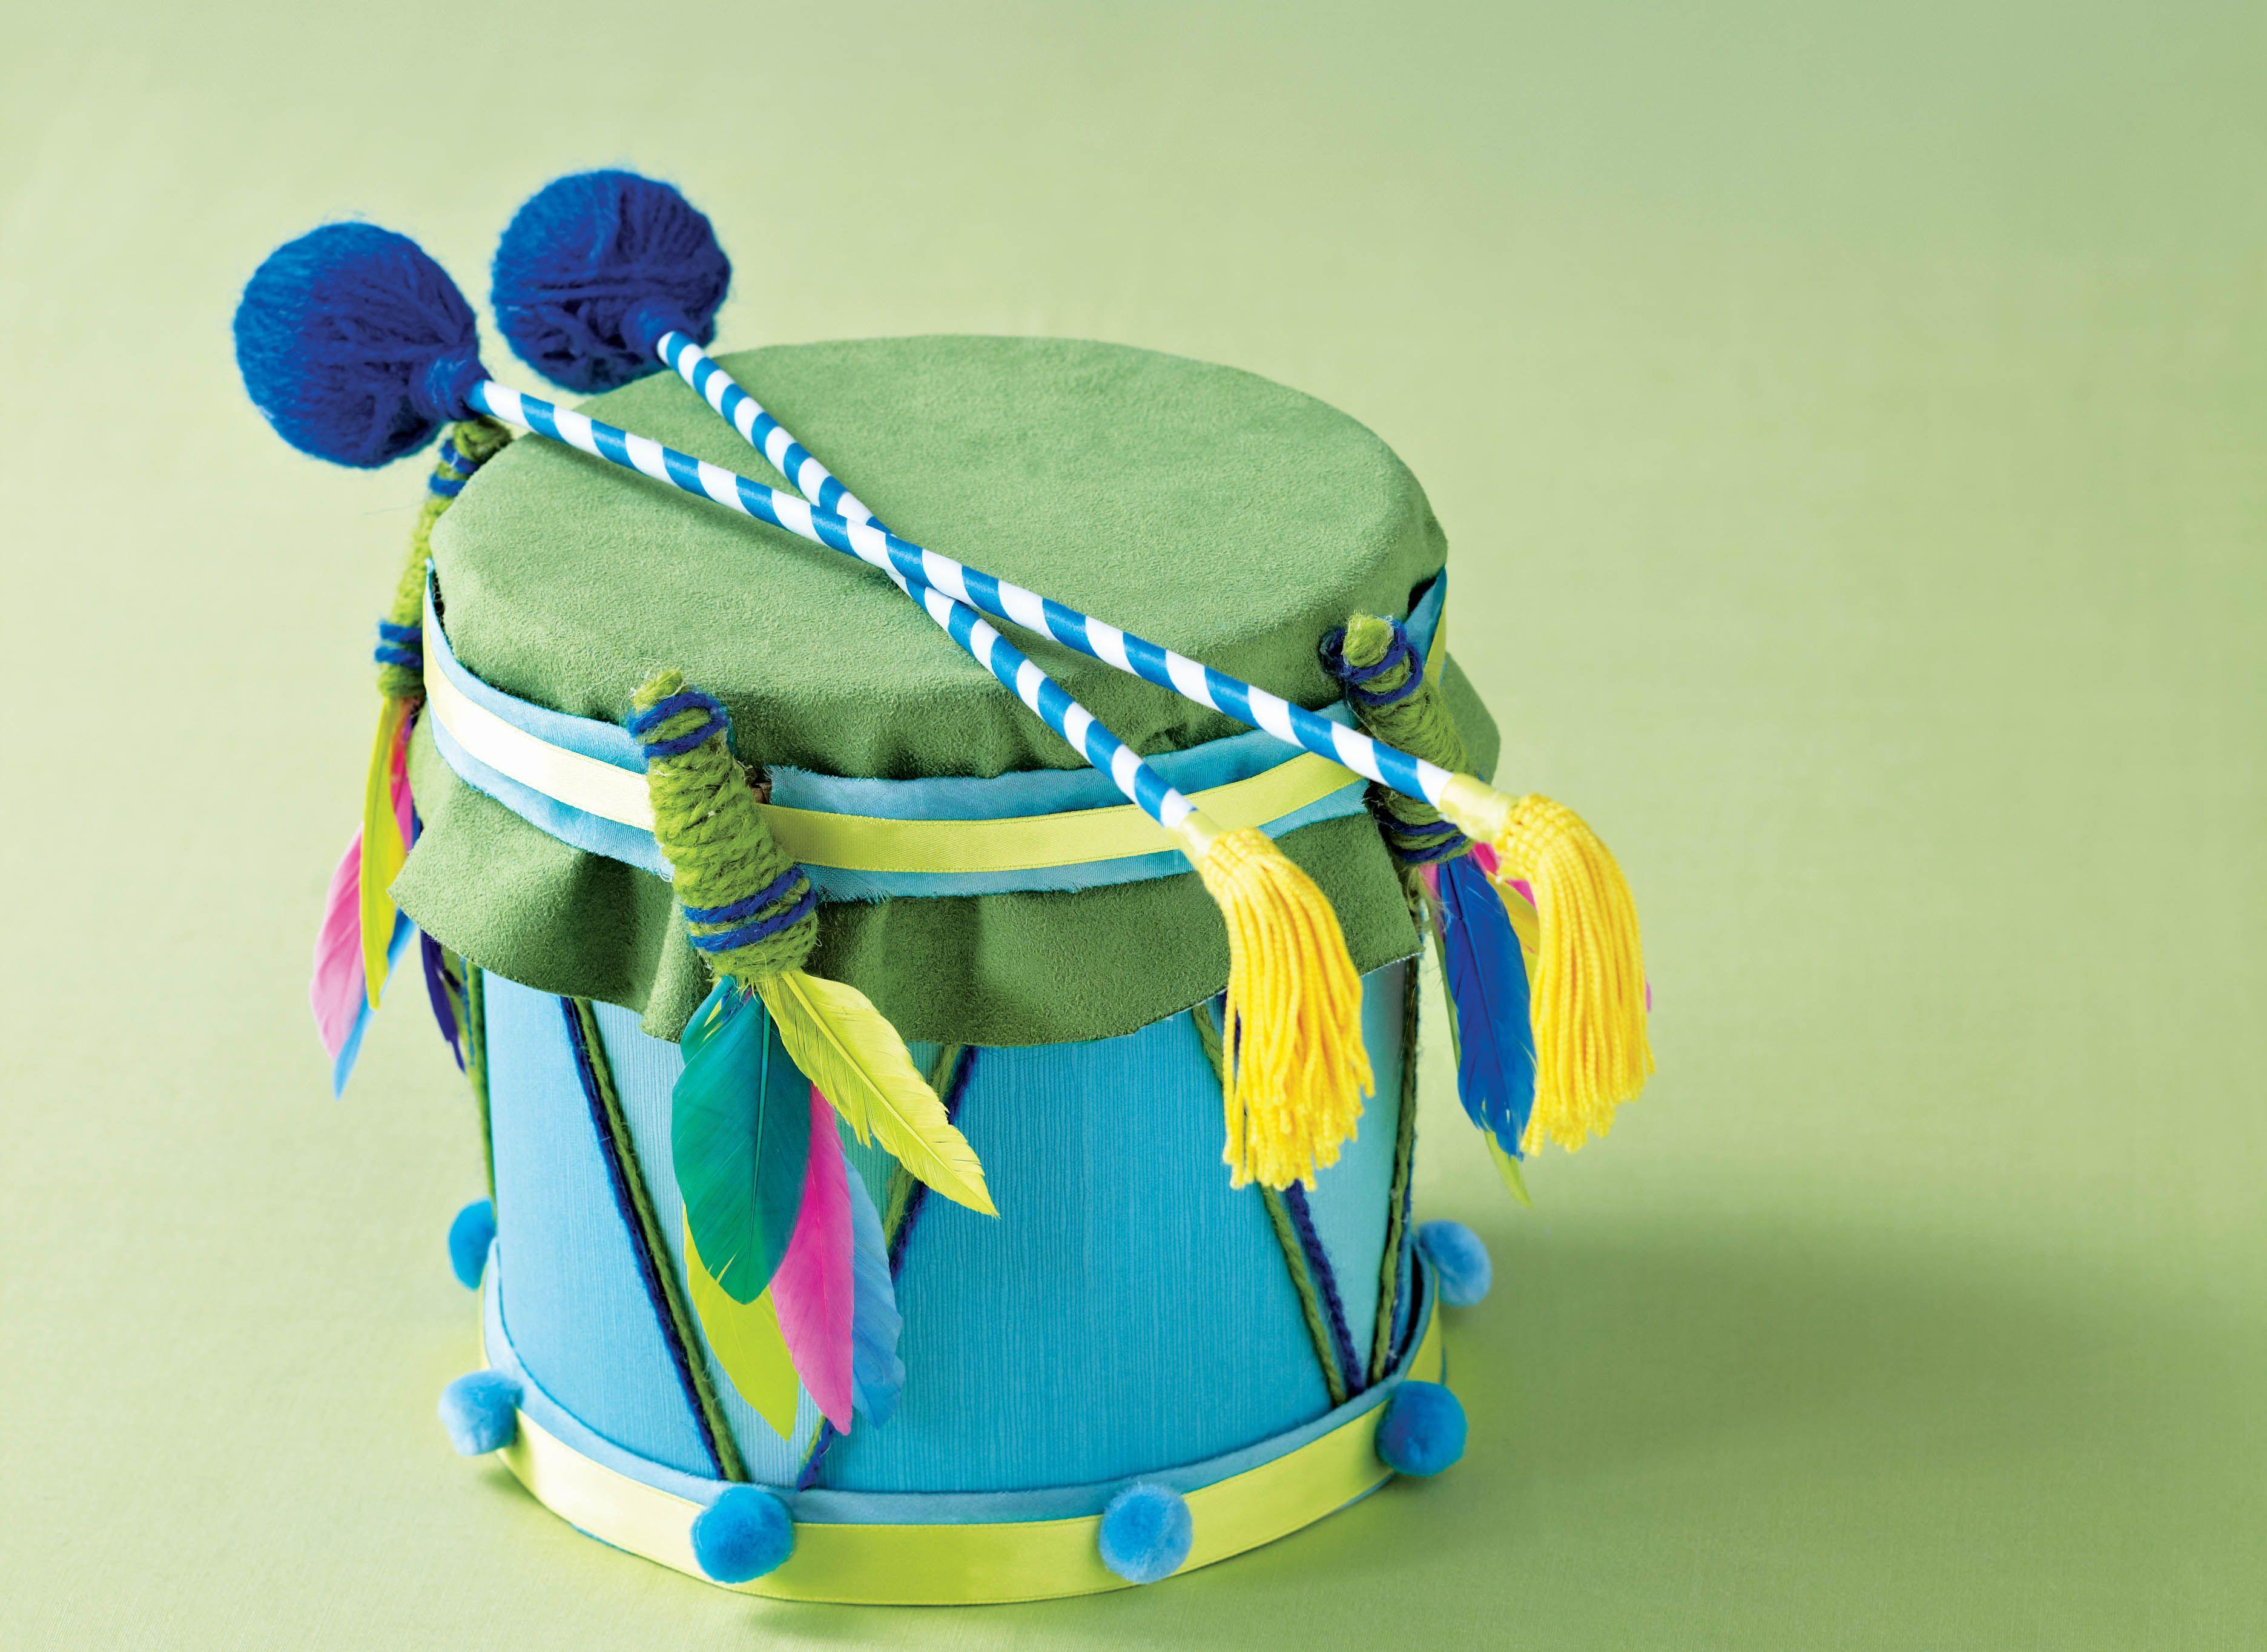 craft how to make a diy drum k z lderililer diy drums homemade musical instruments drums. Black Bedroom Furniture Sets. Home Design Ideas